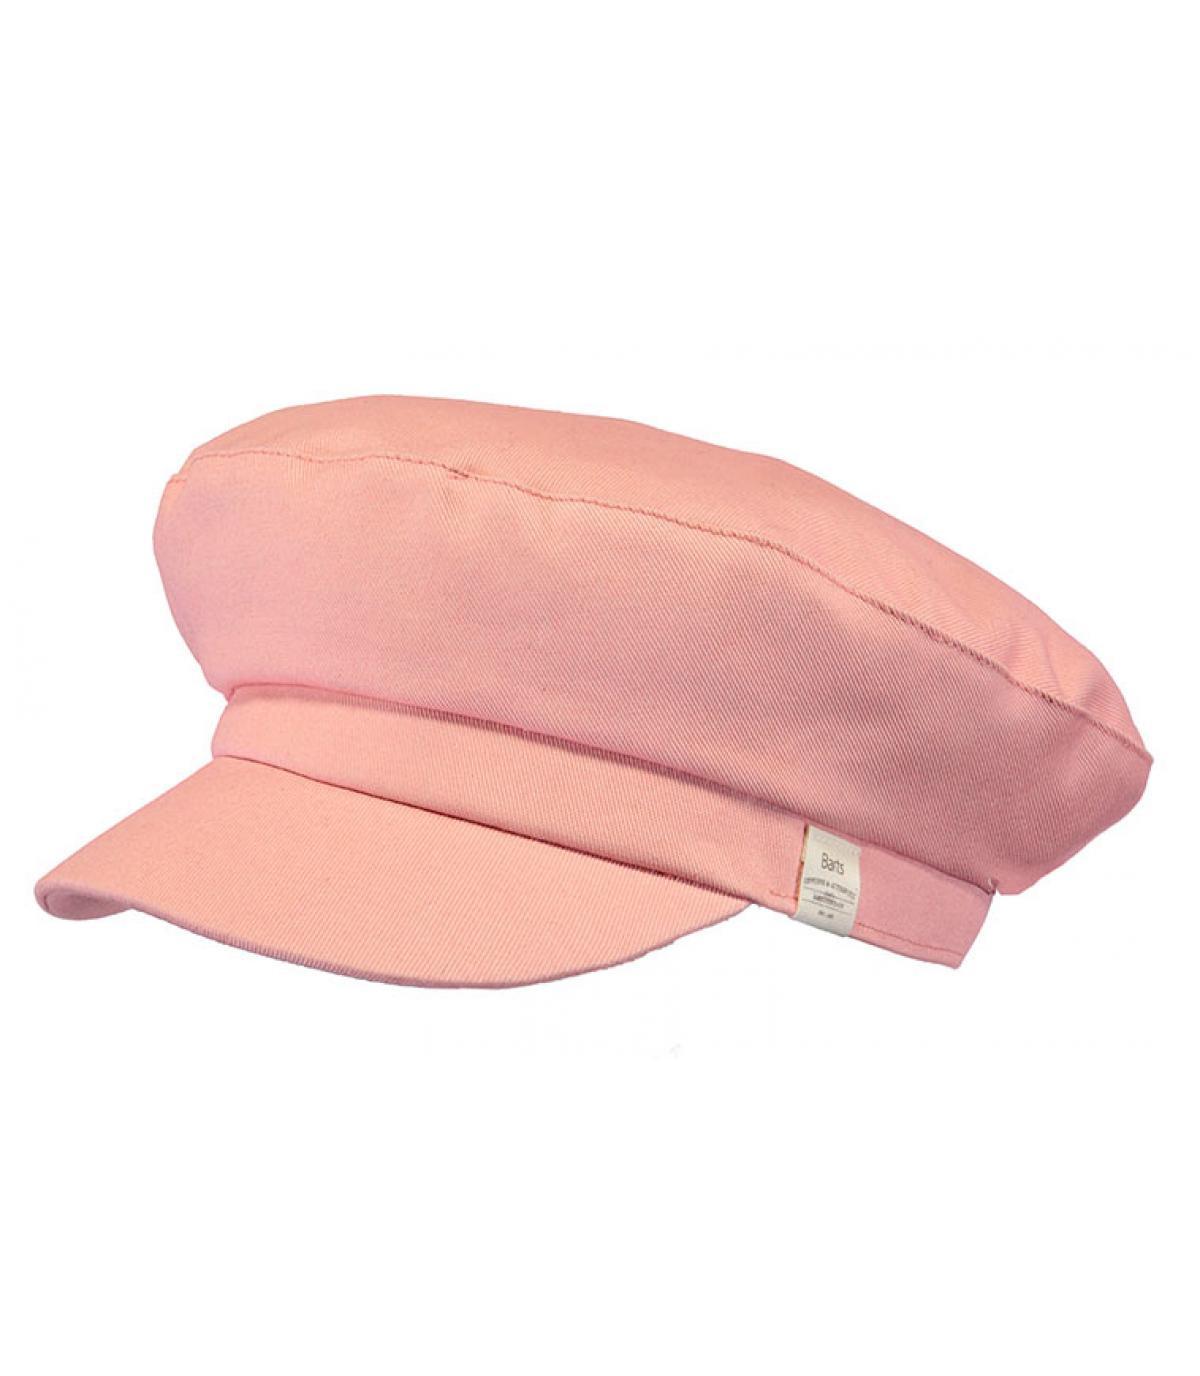 Détails Dieze dusty pink - image 2